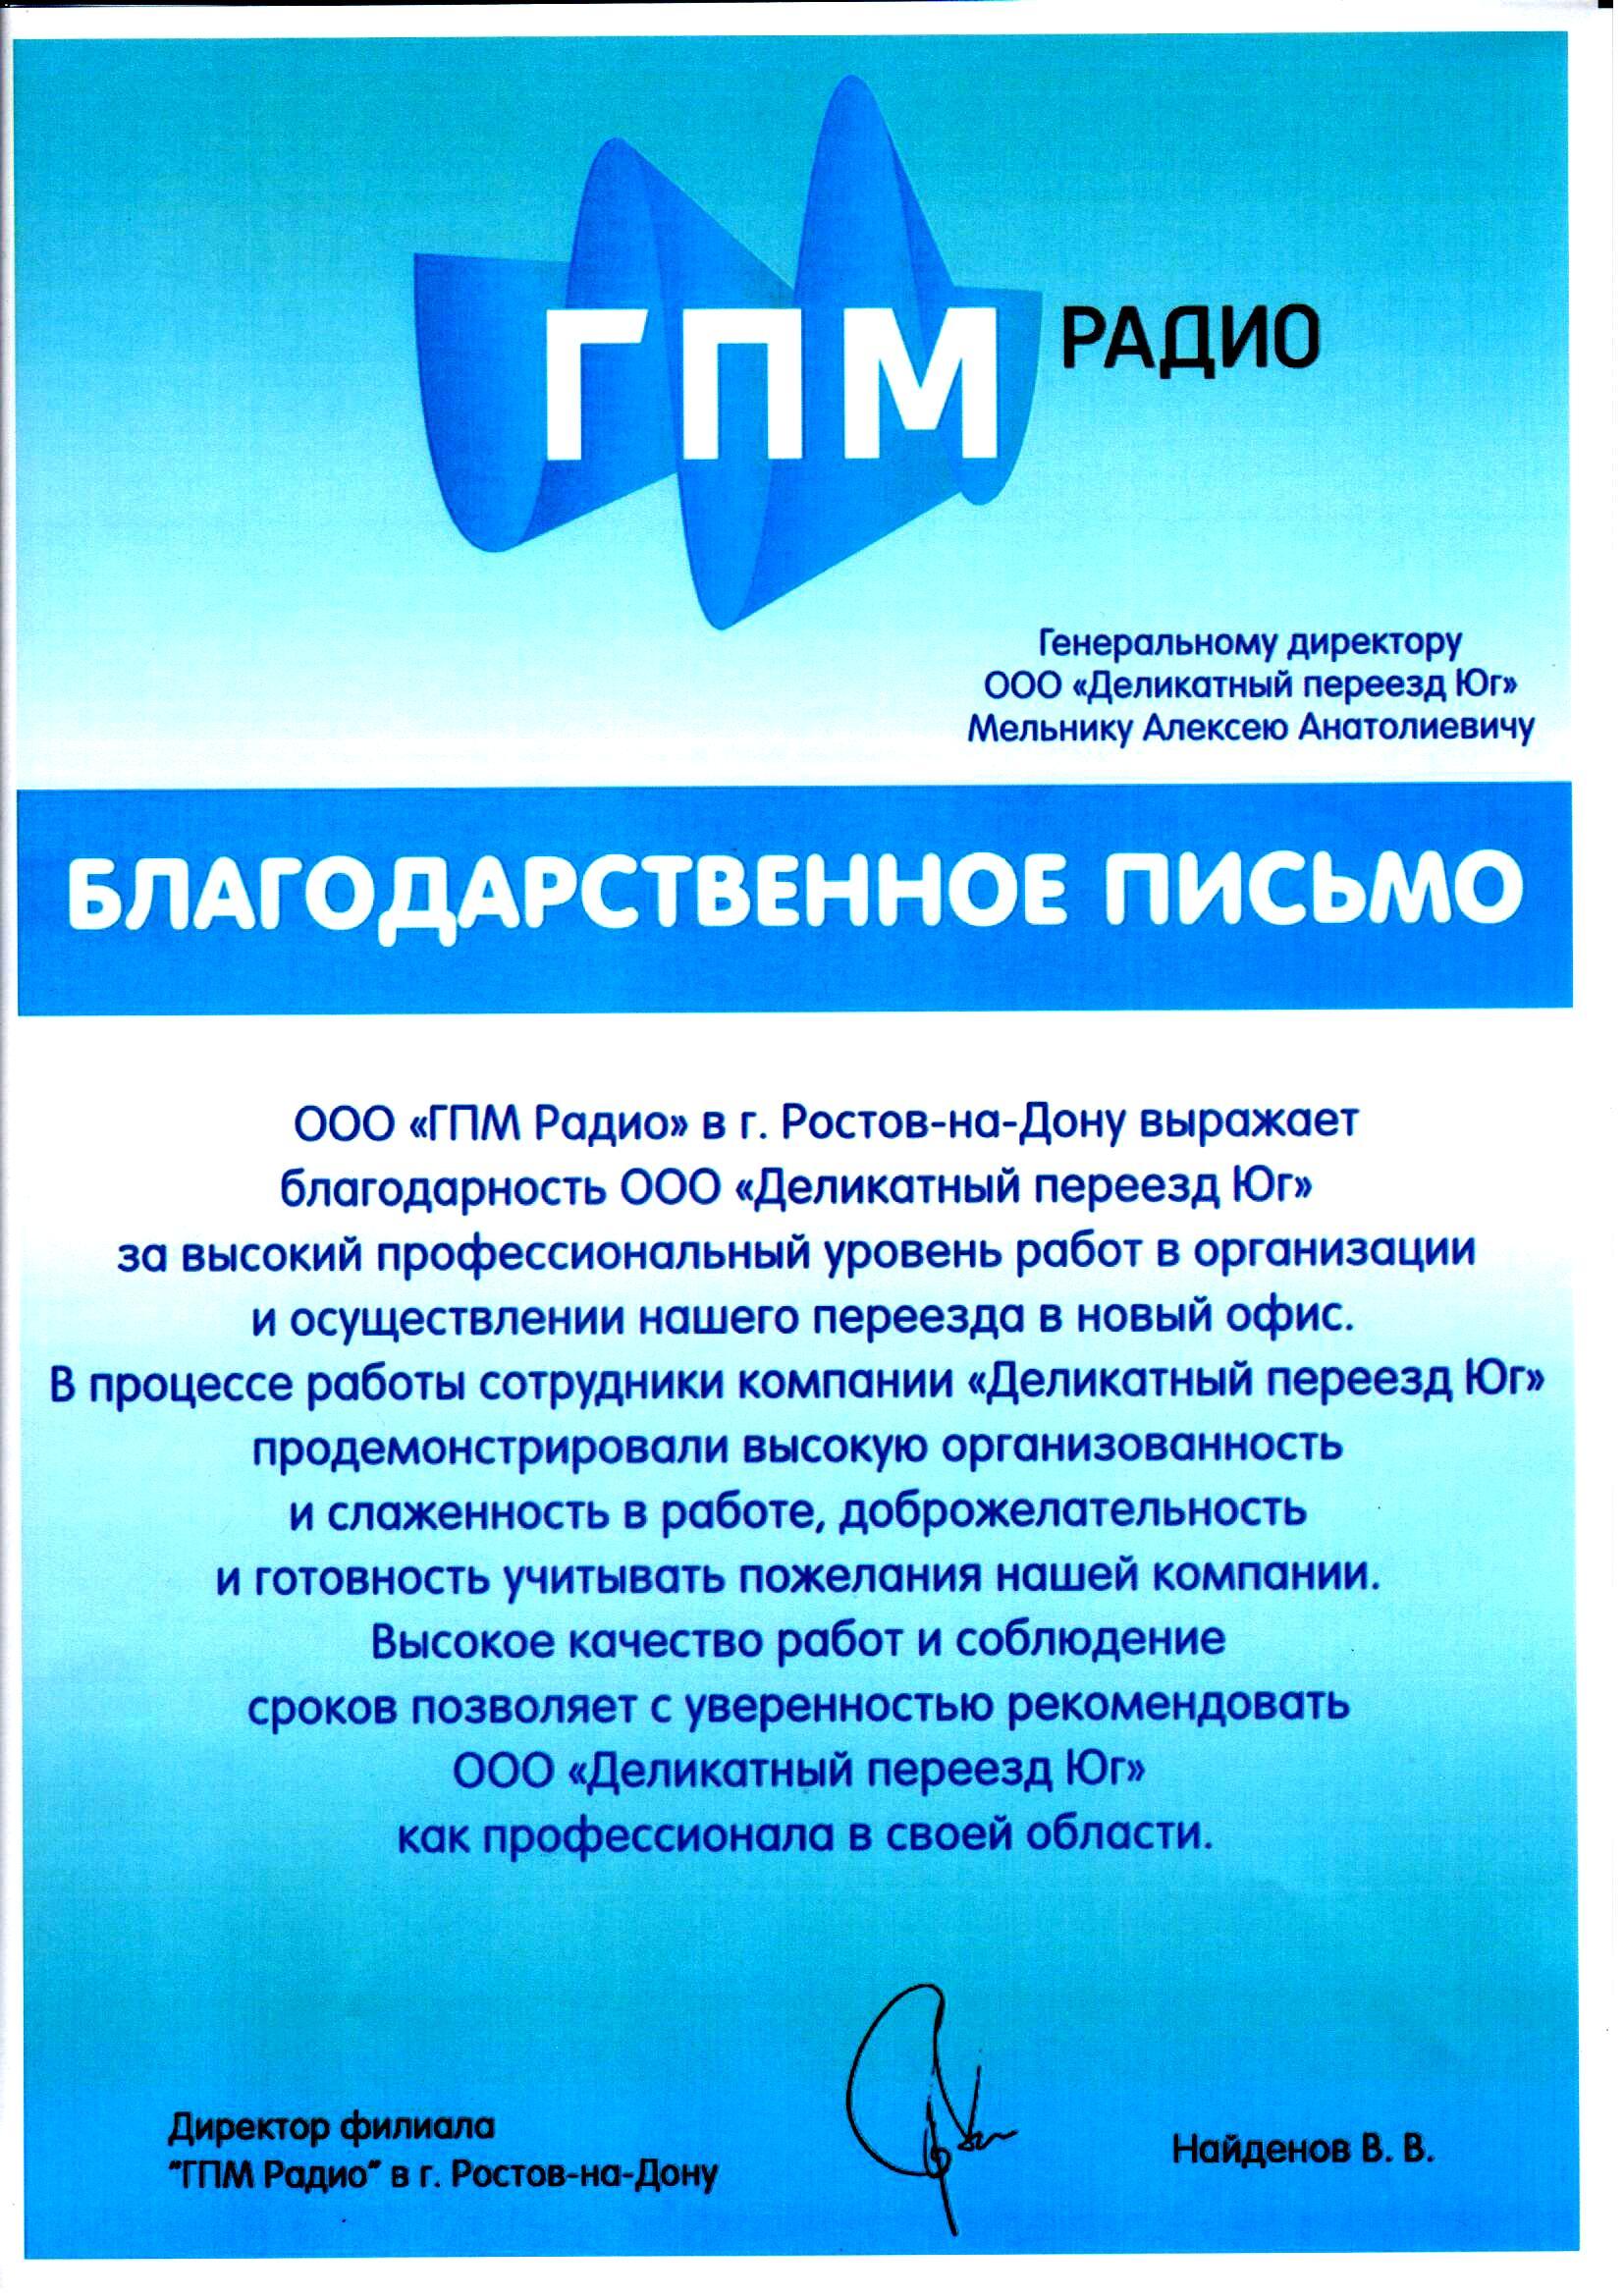 Благодарственное письмо от ООО «ГПМ Радио» в г. Ростов-на-Дону